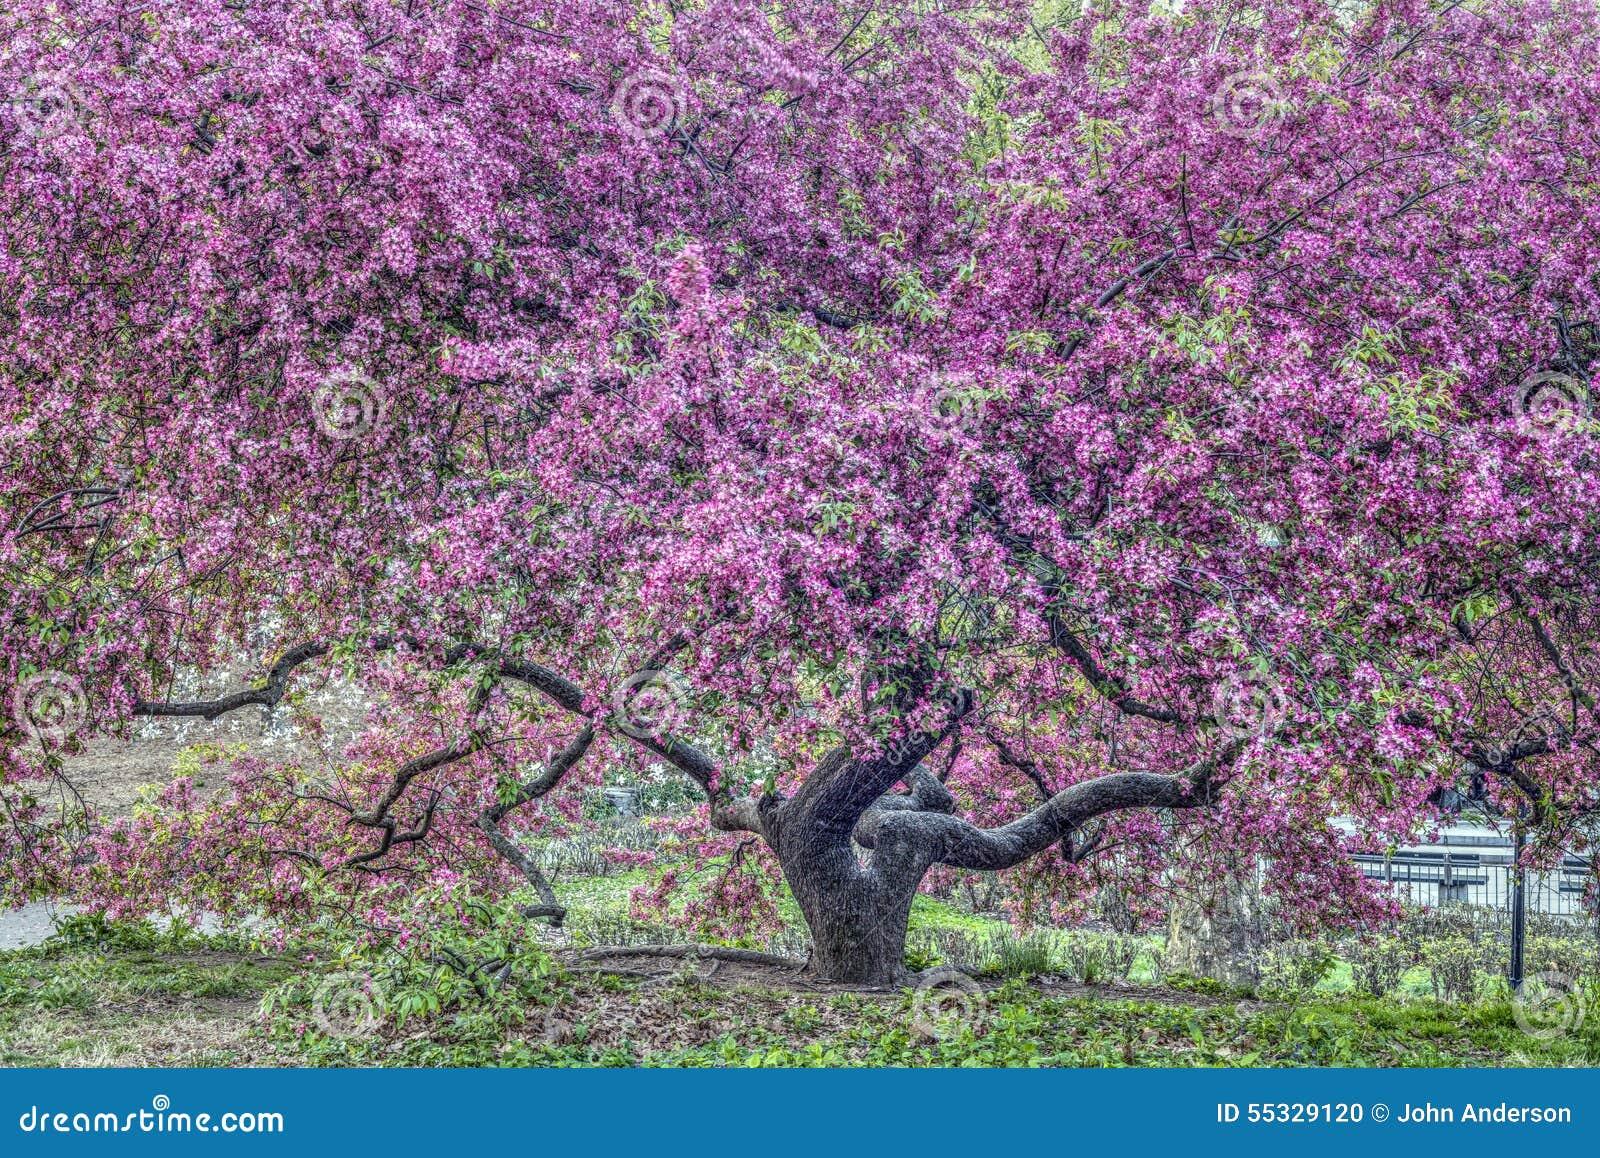 Arbre de pomme sauvage - Malus «prince pourpre» [